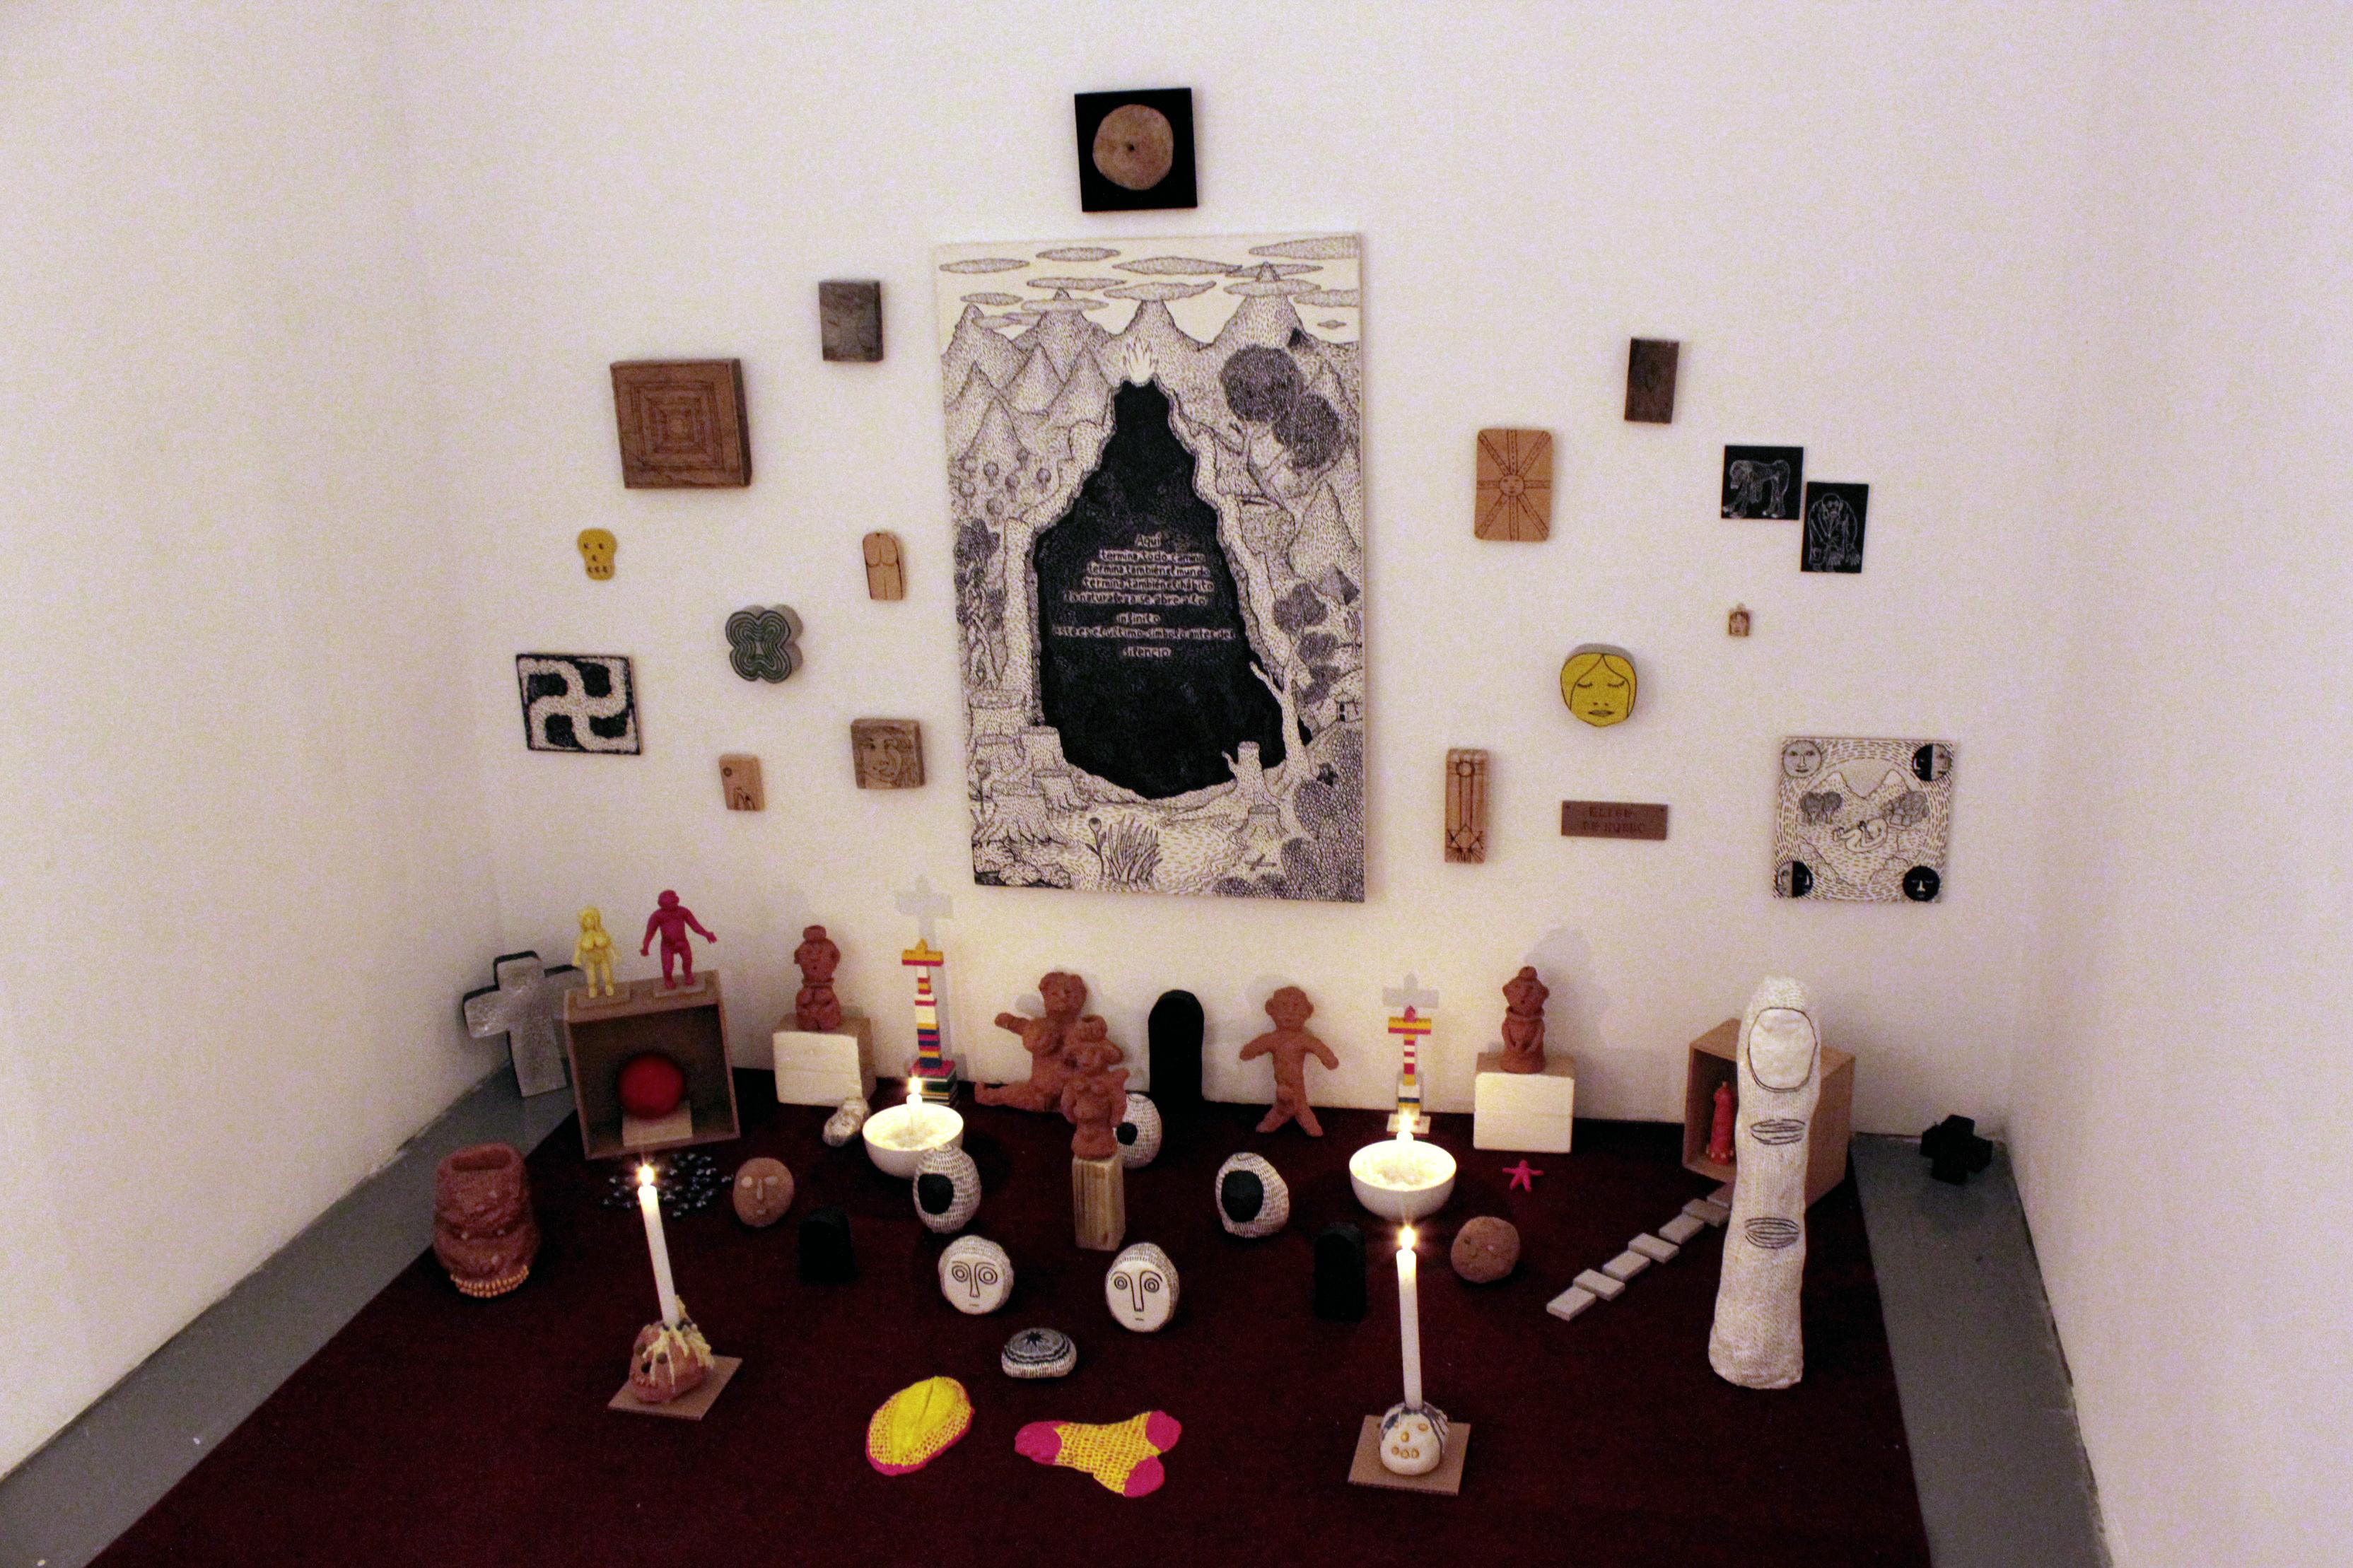 Vista de la exposición La Voluntad de Dios de Monoperro en Galería Liebre, 2015.